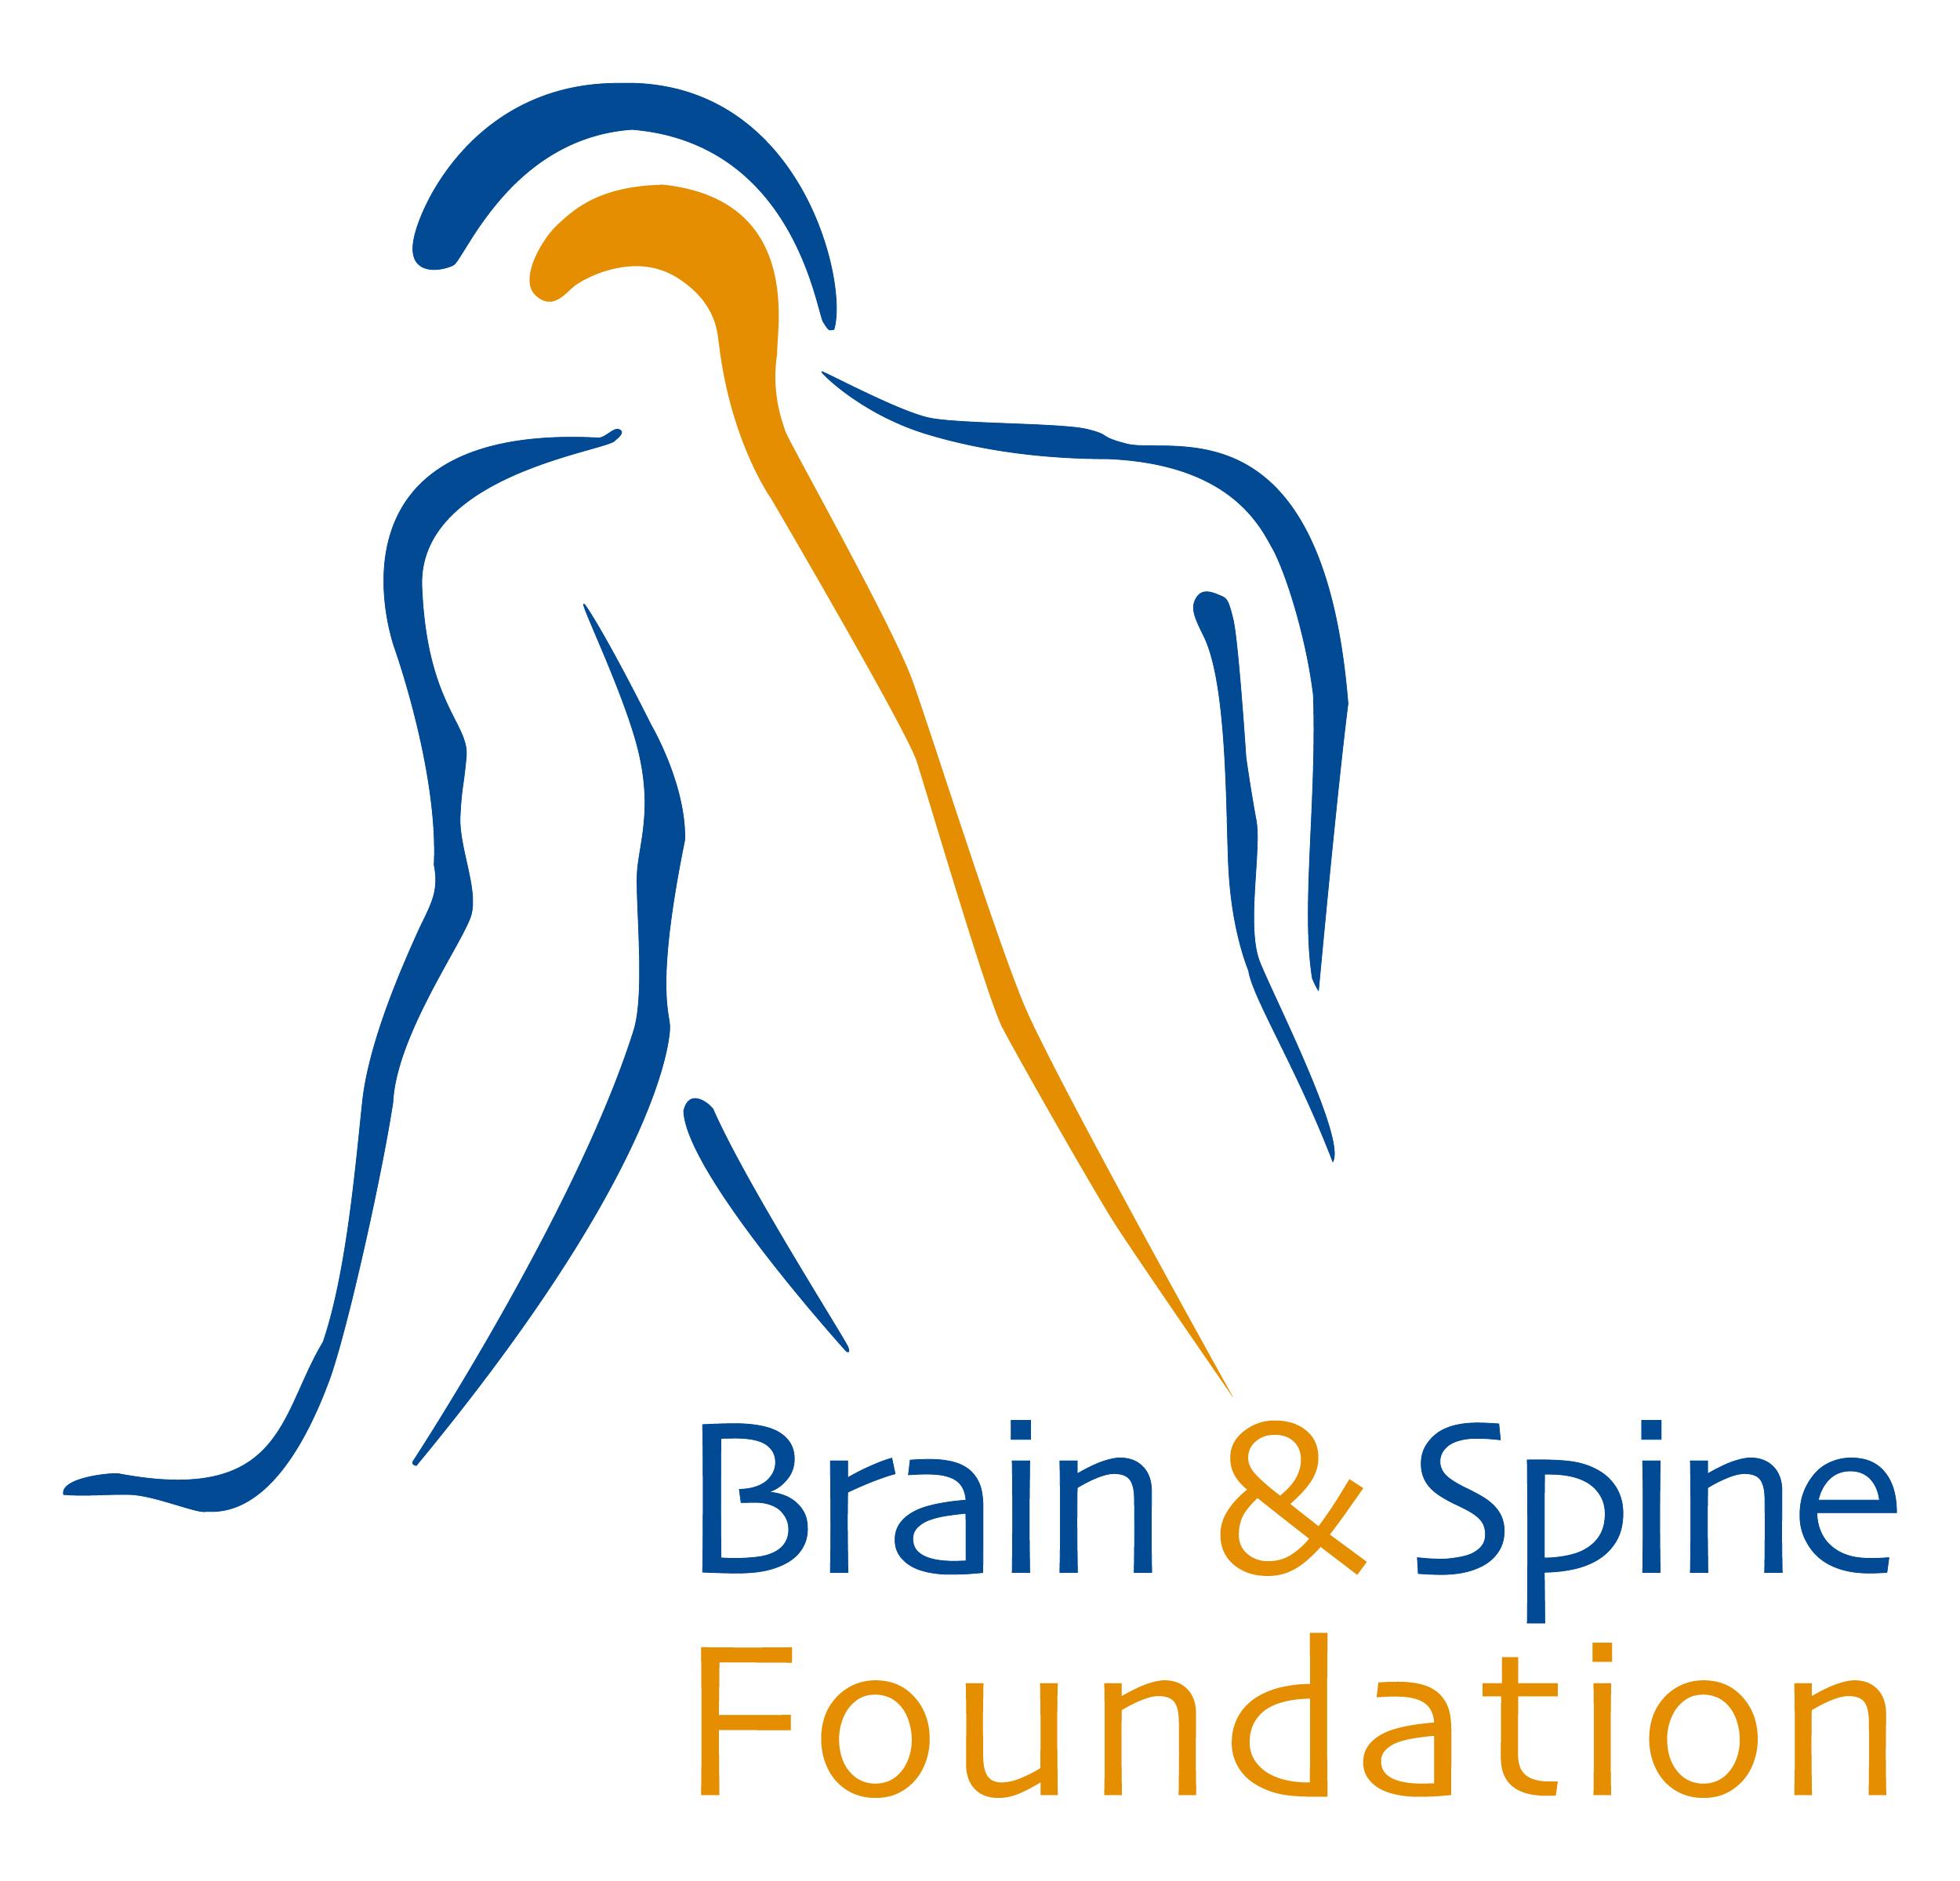 Brain & Spine Foundation